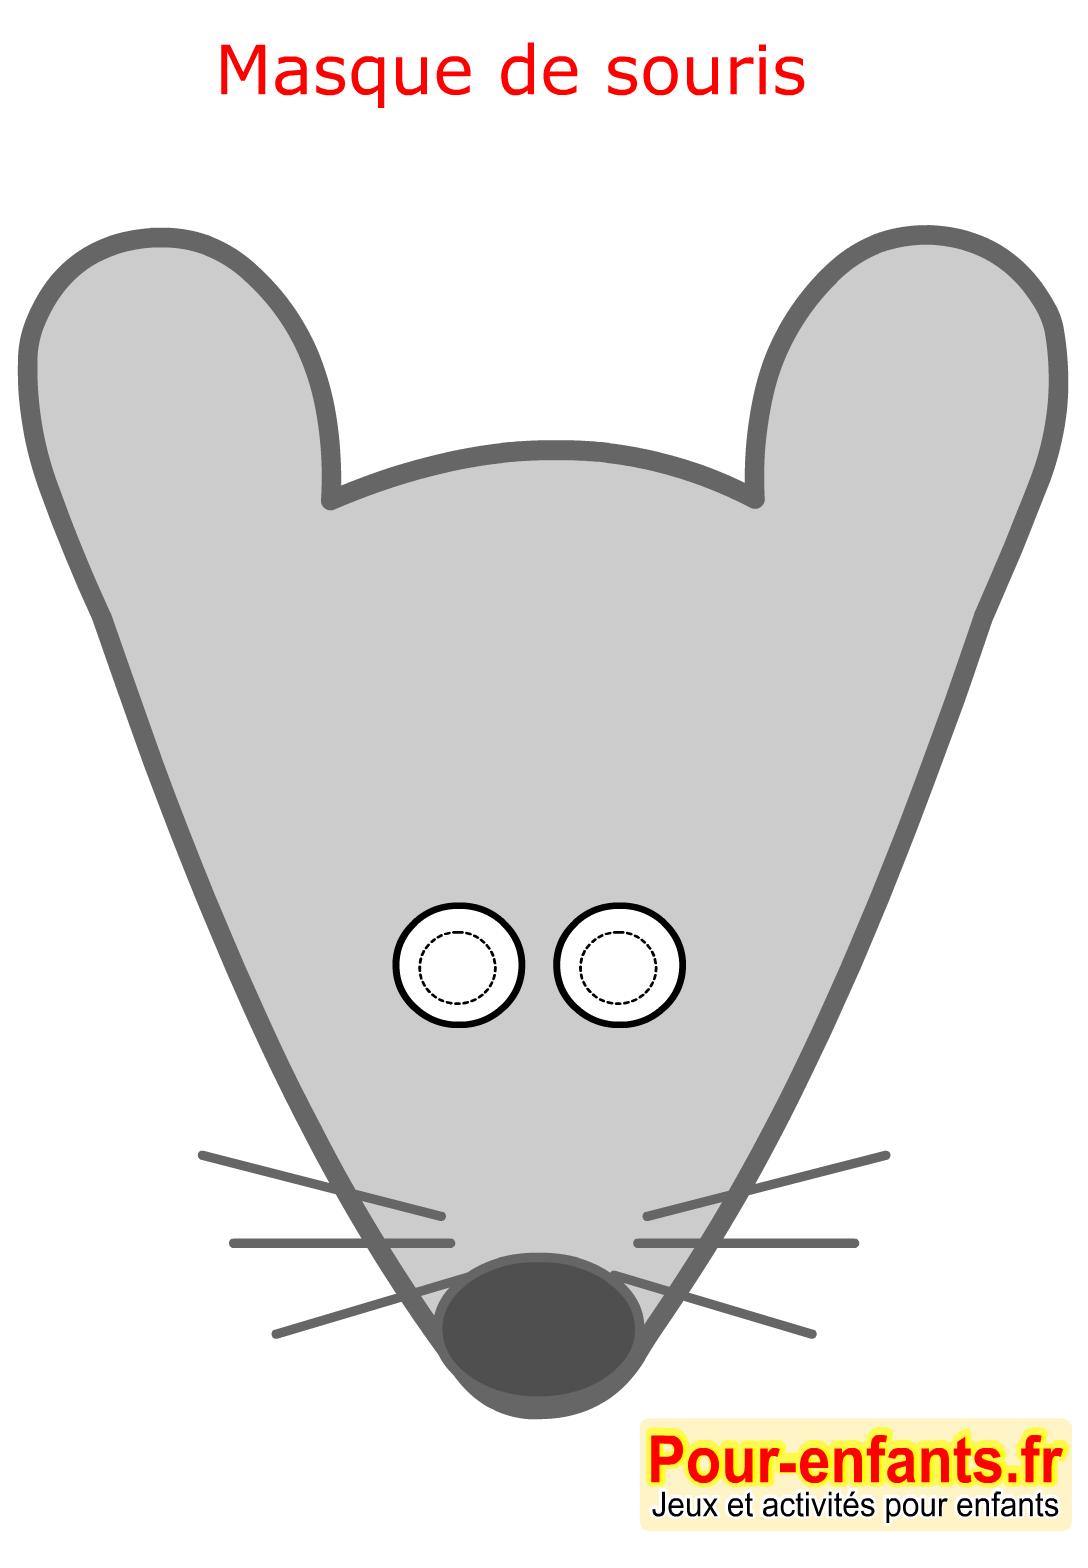 Masque de carnaval imprimer souris paques enfant faire - Masque chauve souris a imprimer ...